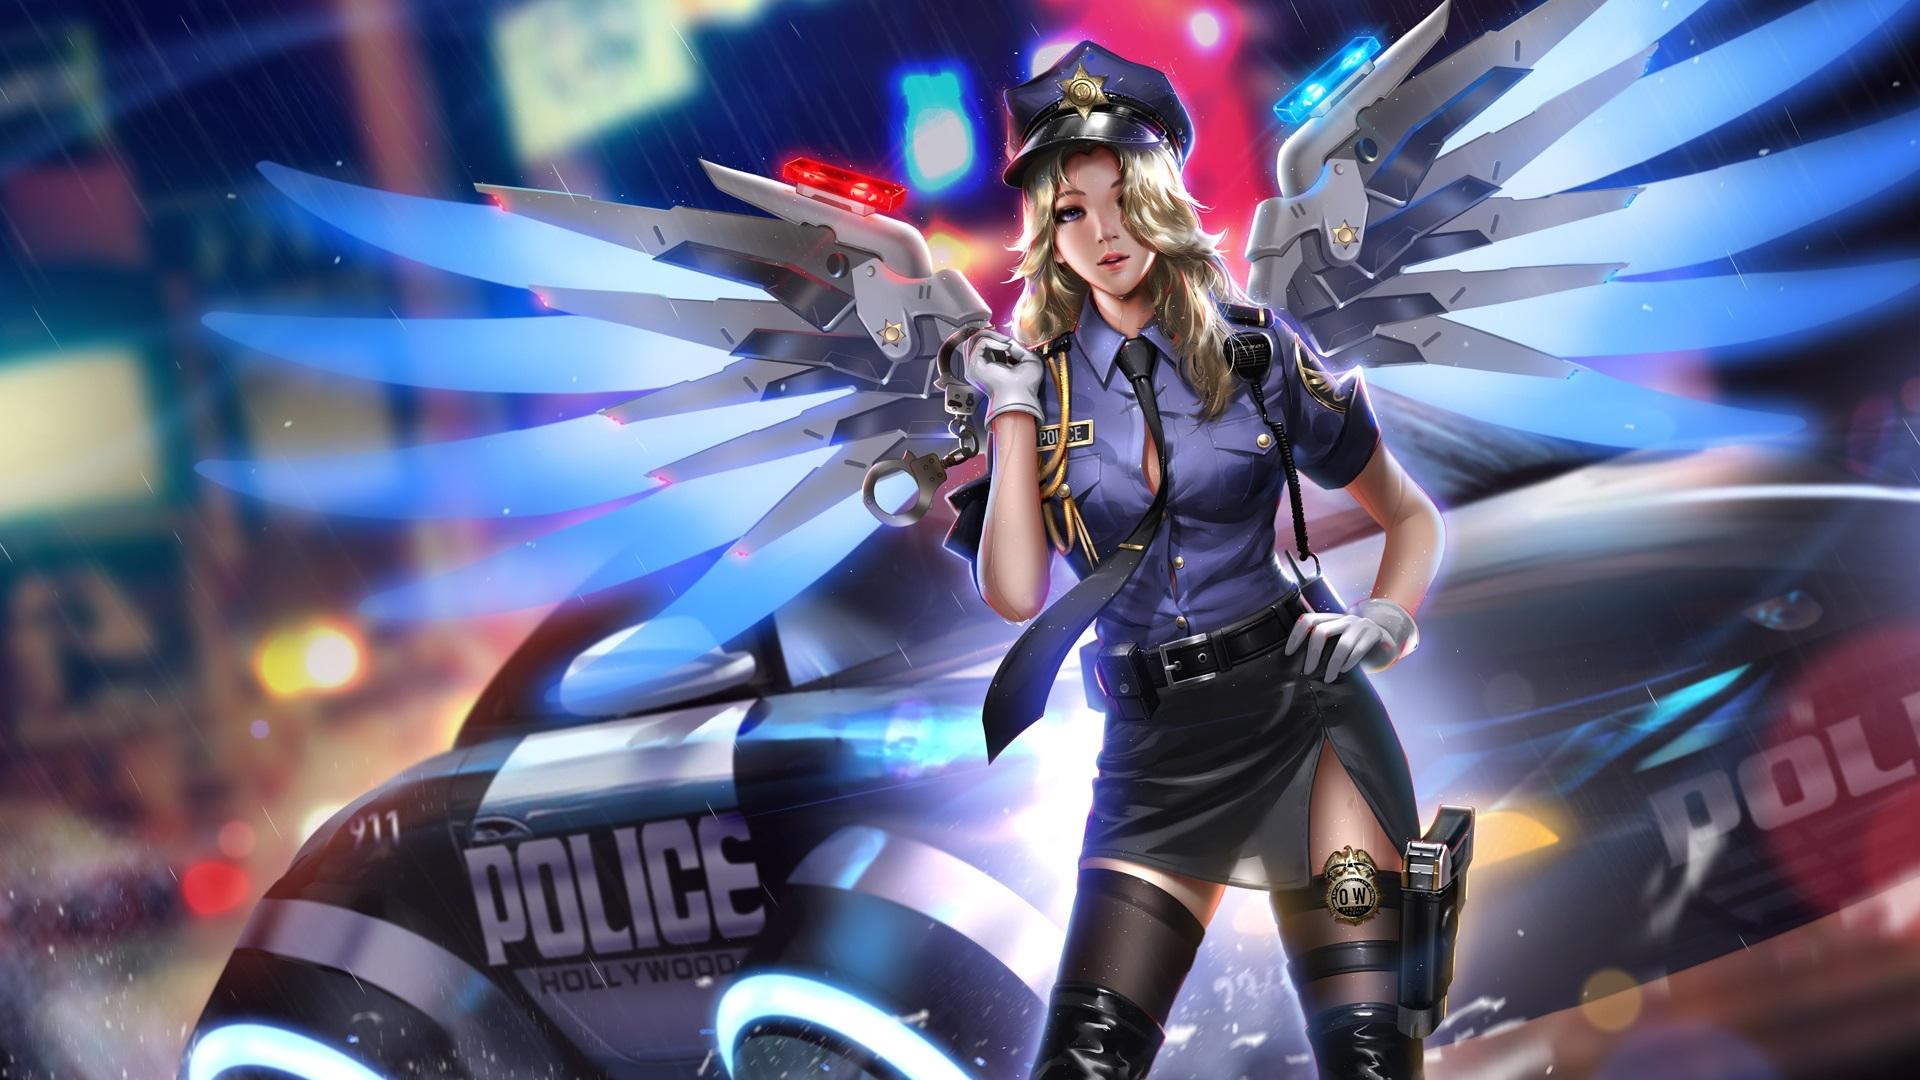 Fondos De Pantalla Overwatch Misericordia Policía Niña